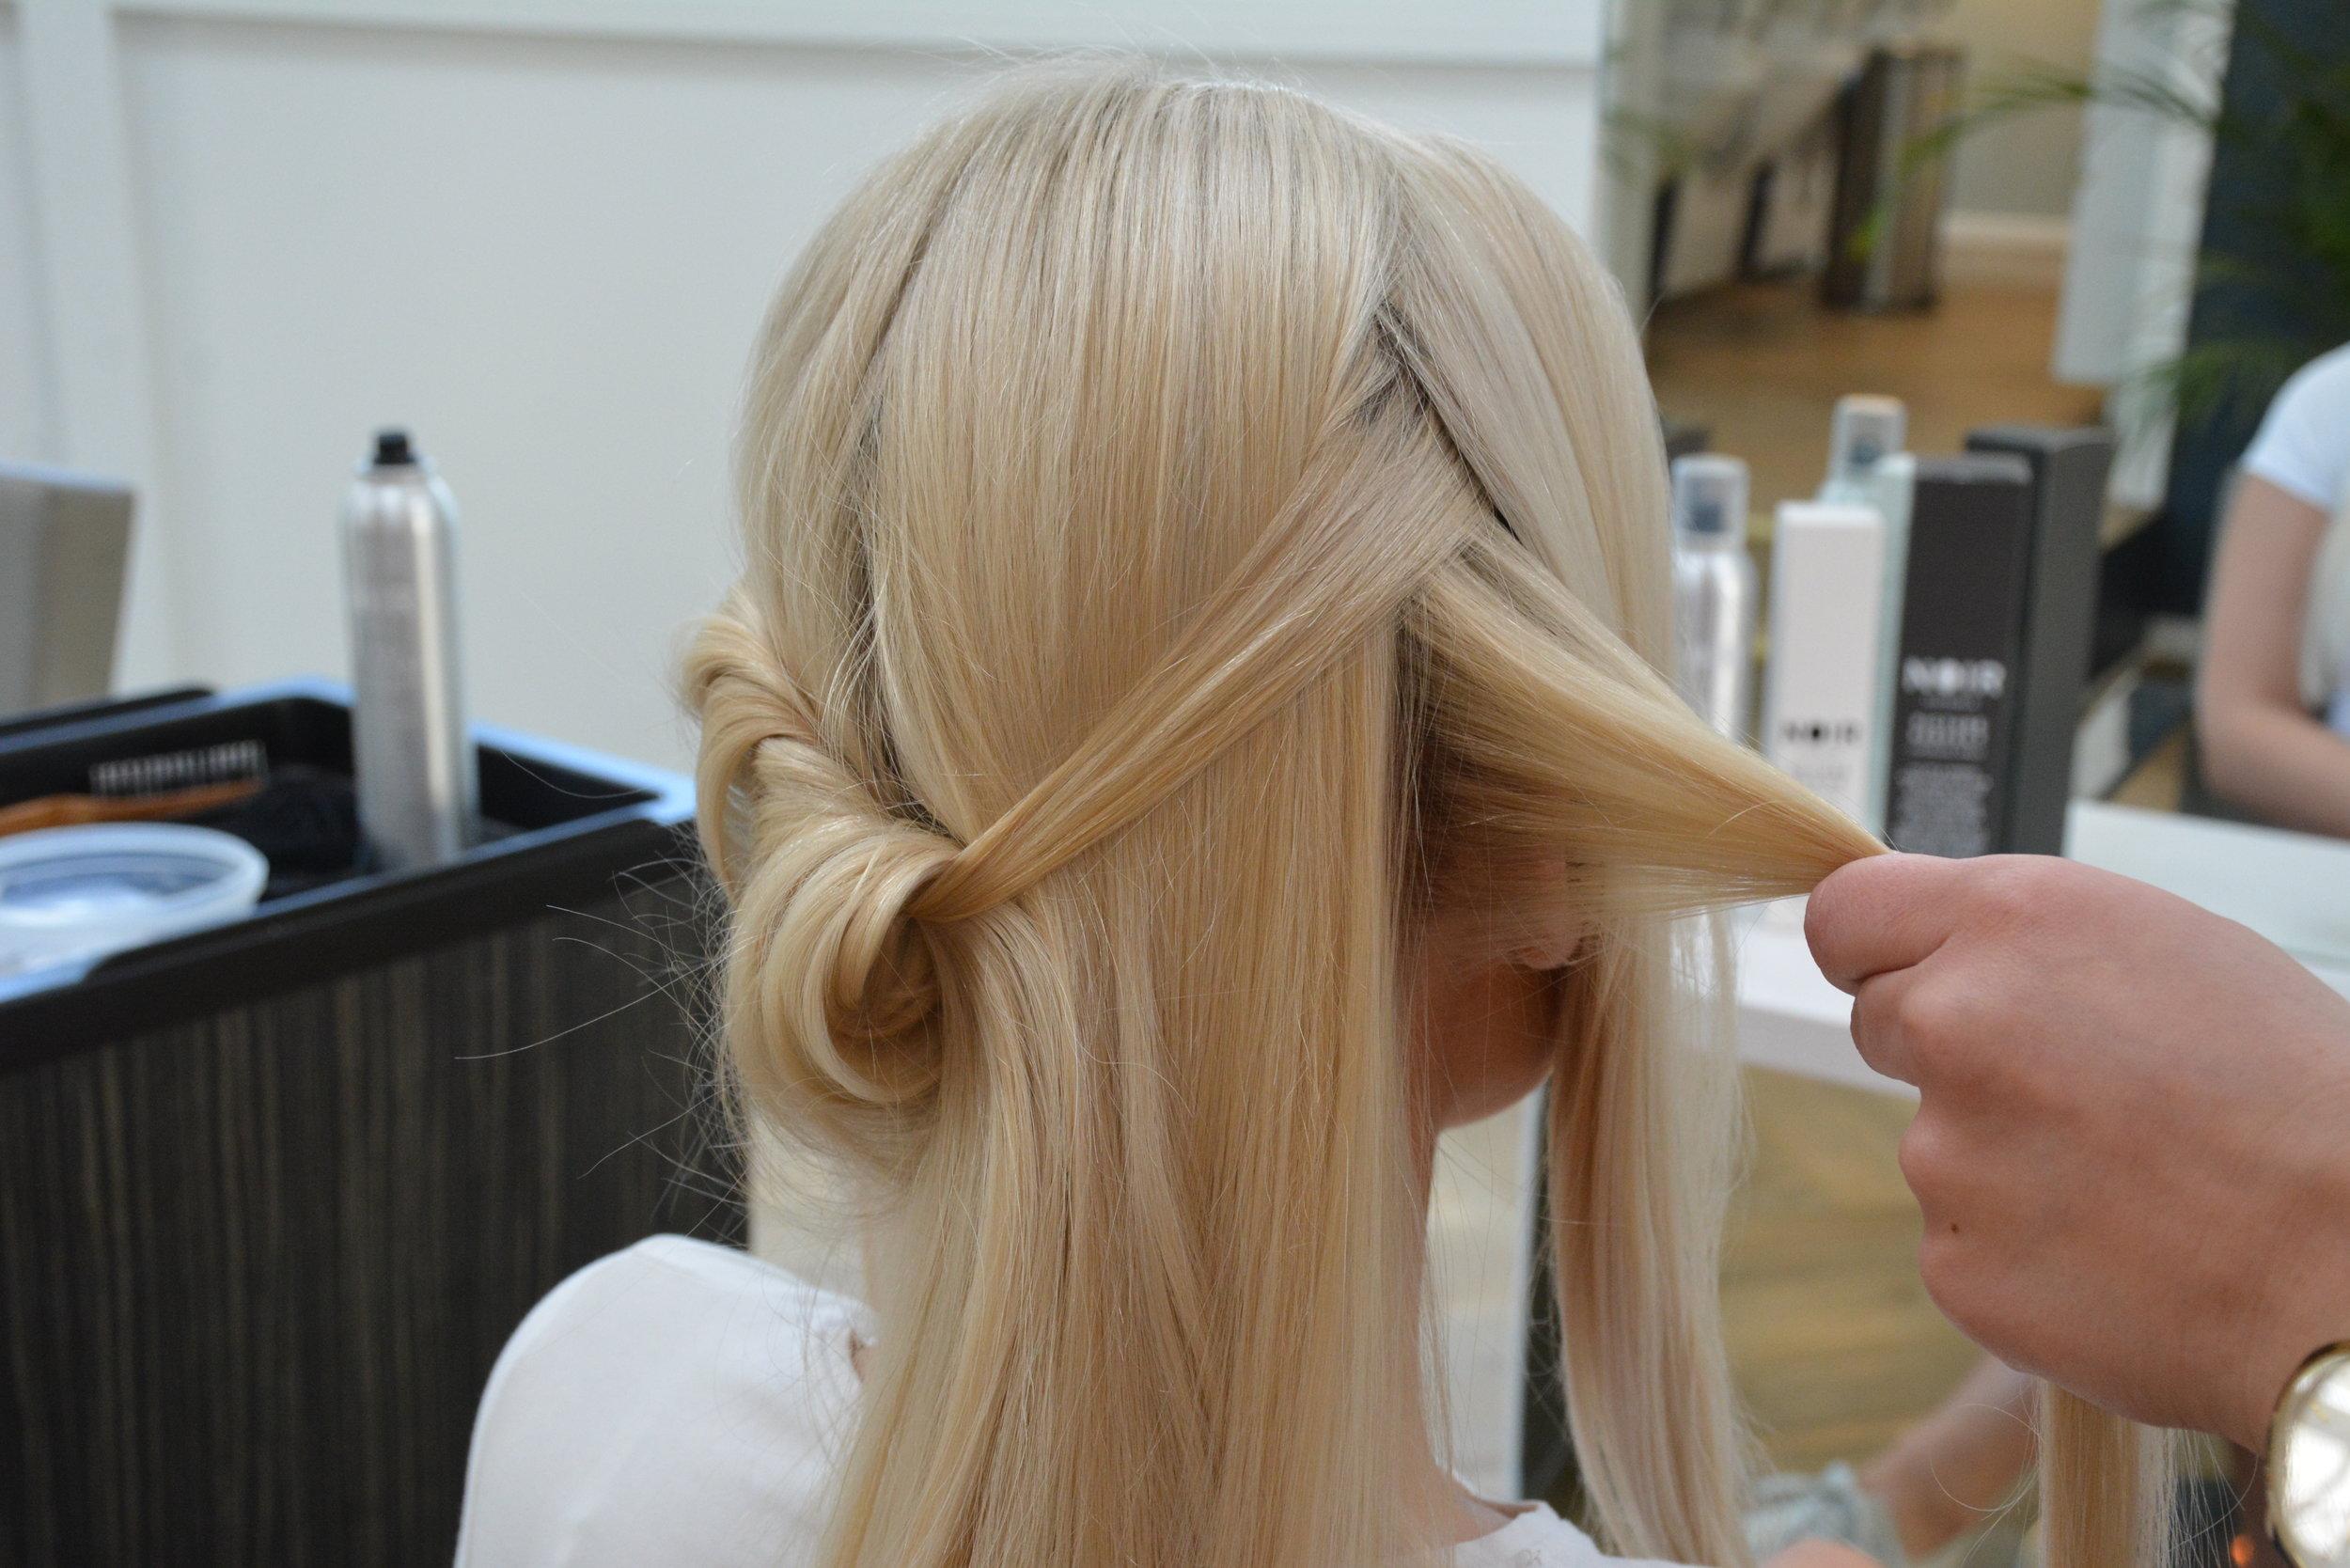 Tvinn håret til du kommer til midten bak. Start etterpå på andre siden å gjør det samme.